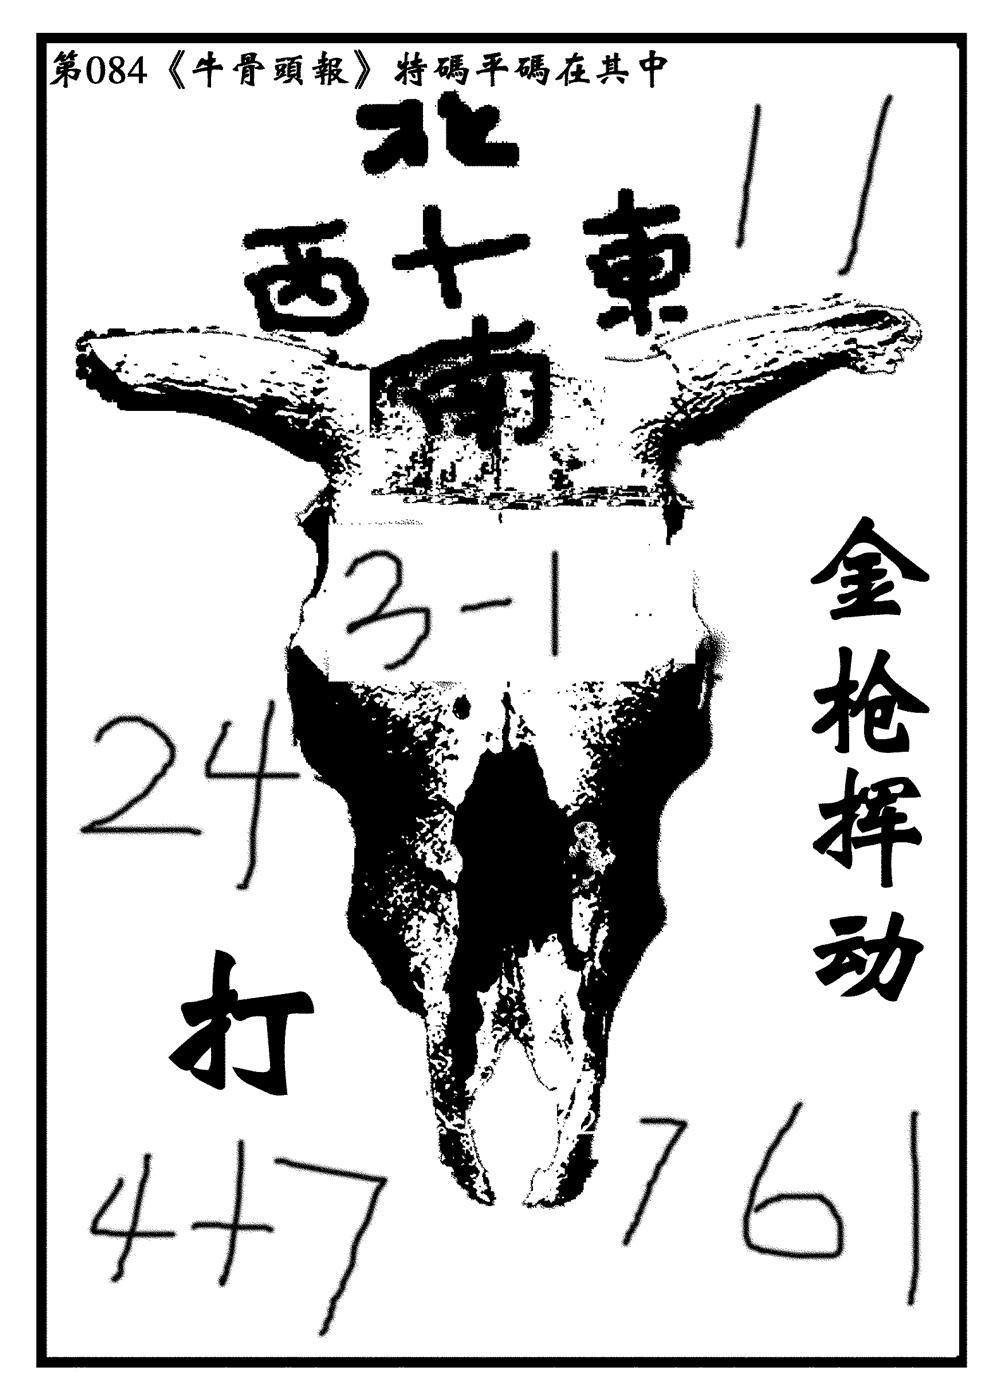 084期牛头报(黑白)